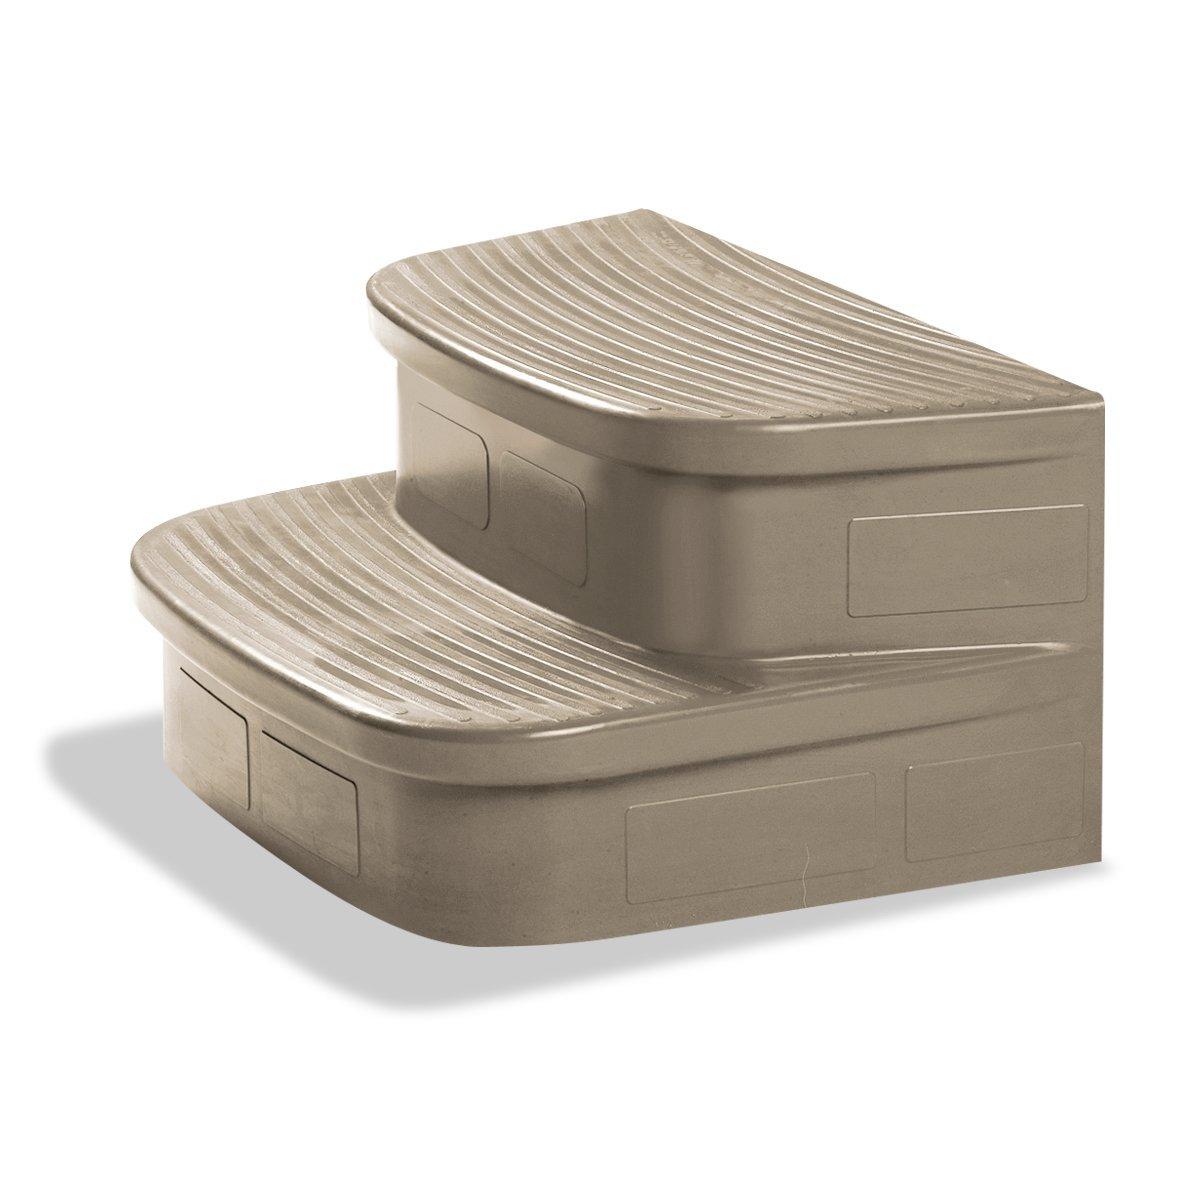 プラスチックSpaの手順がシンプルさSpa in Sandstone仕上げ   B07313NBZX